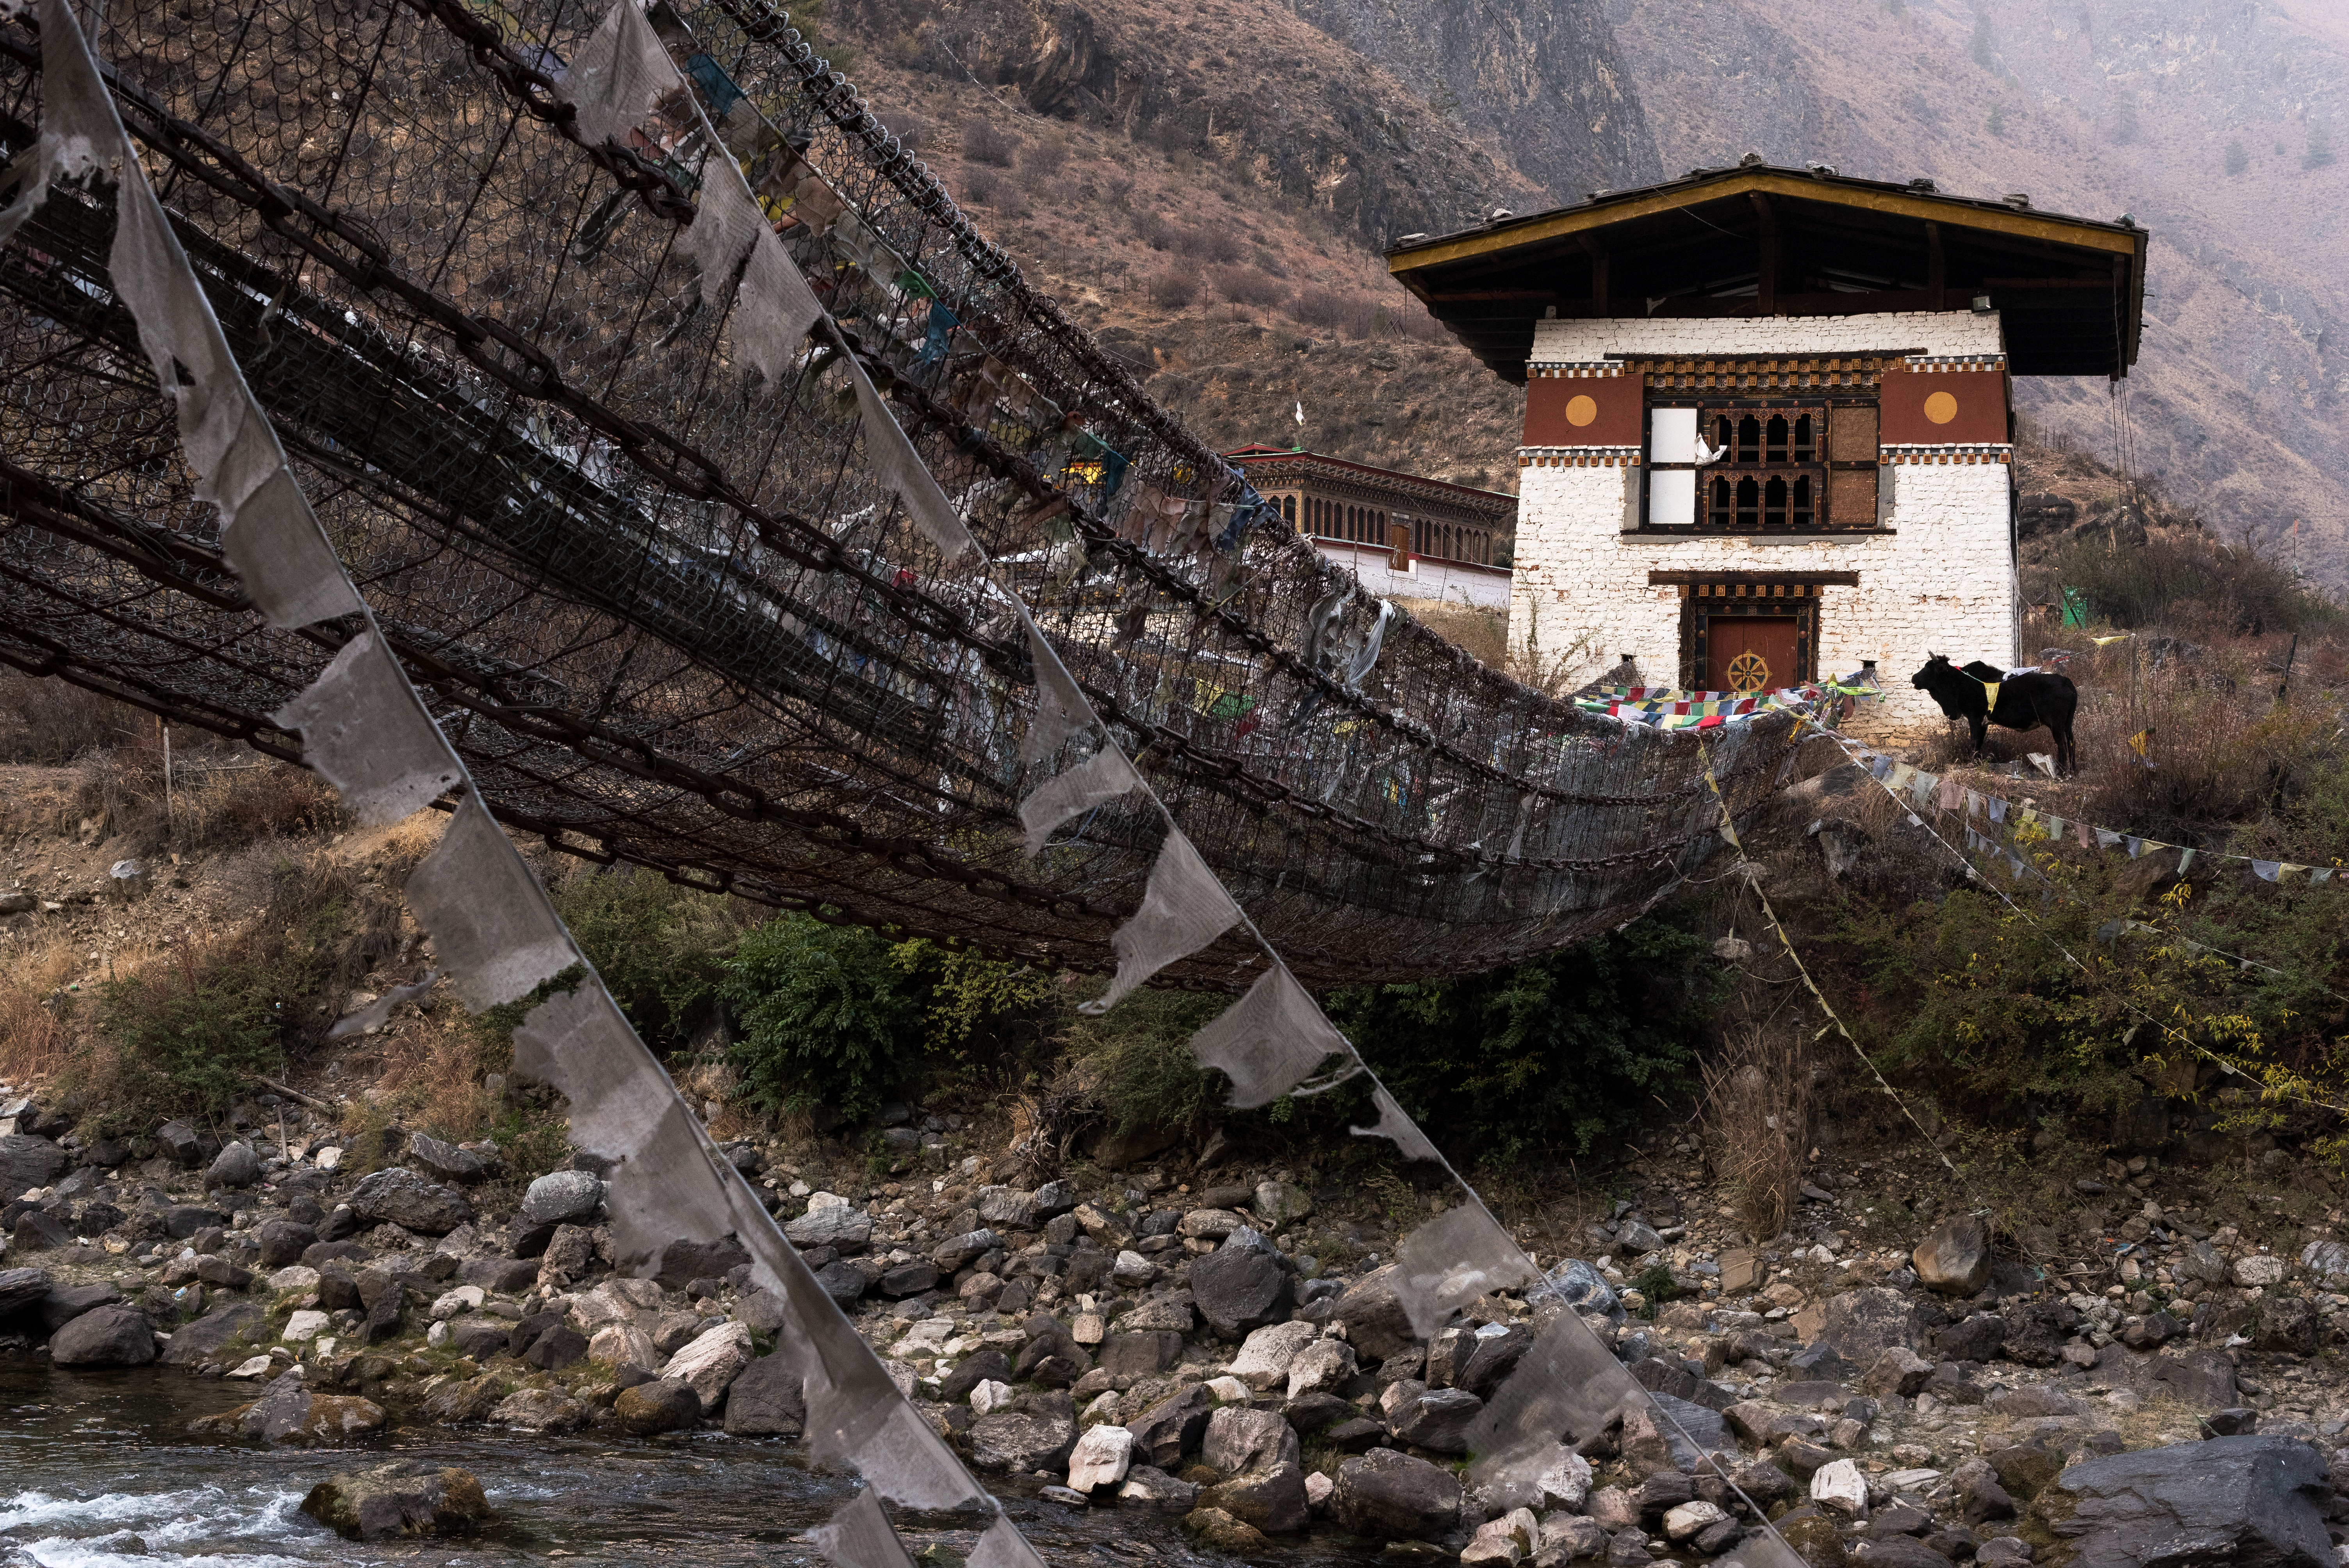 Monasterio Tachog Lhakhang. Su construcción data del año 1420. El puente por el que se llegaba a la edificación fue el primero construido en el reino de Bután